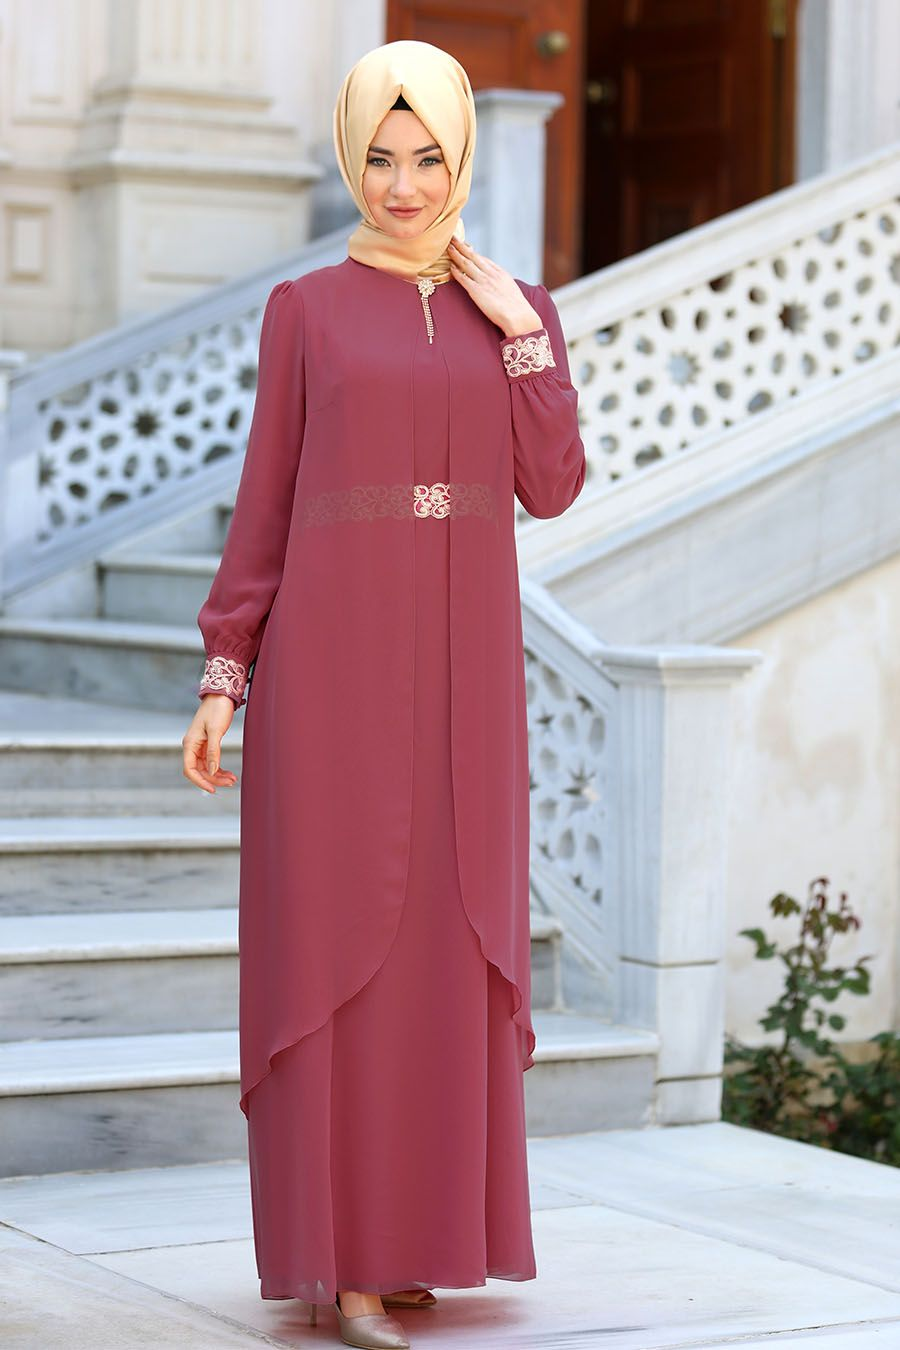 b550a098f5474 NAYLA COLLECTION - Nayla Collection - Dantel Detaylı Tüllü Gül Kurusu Abiye  Elbise 95843GK